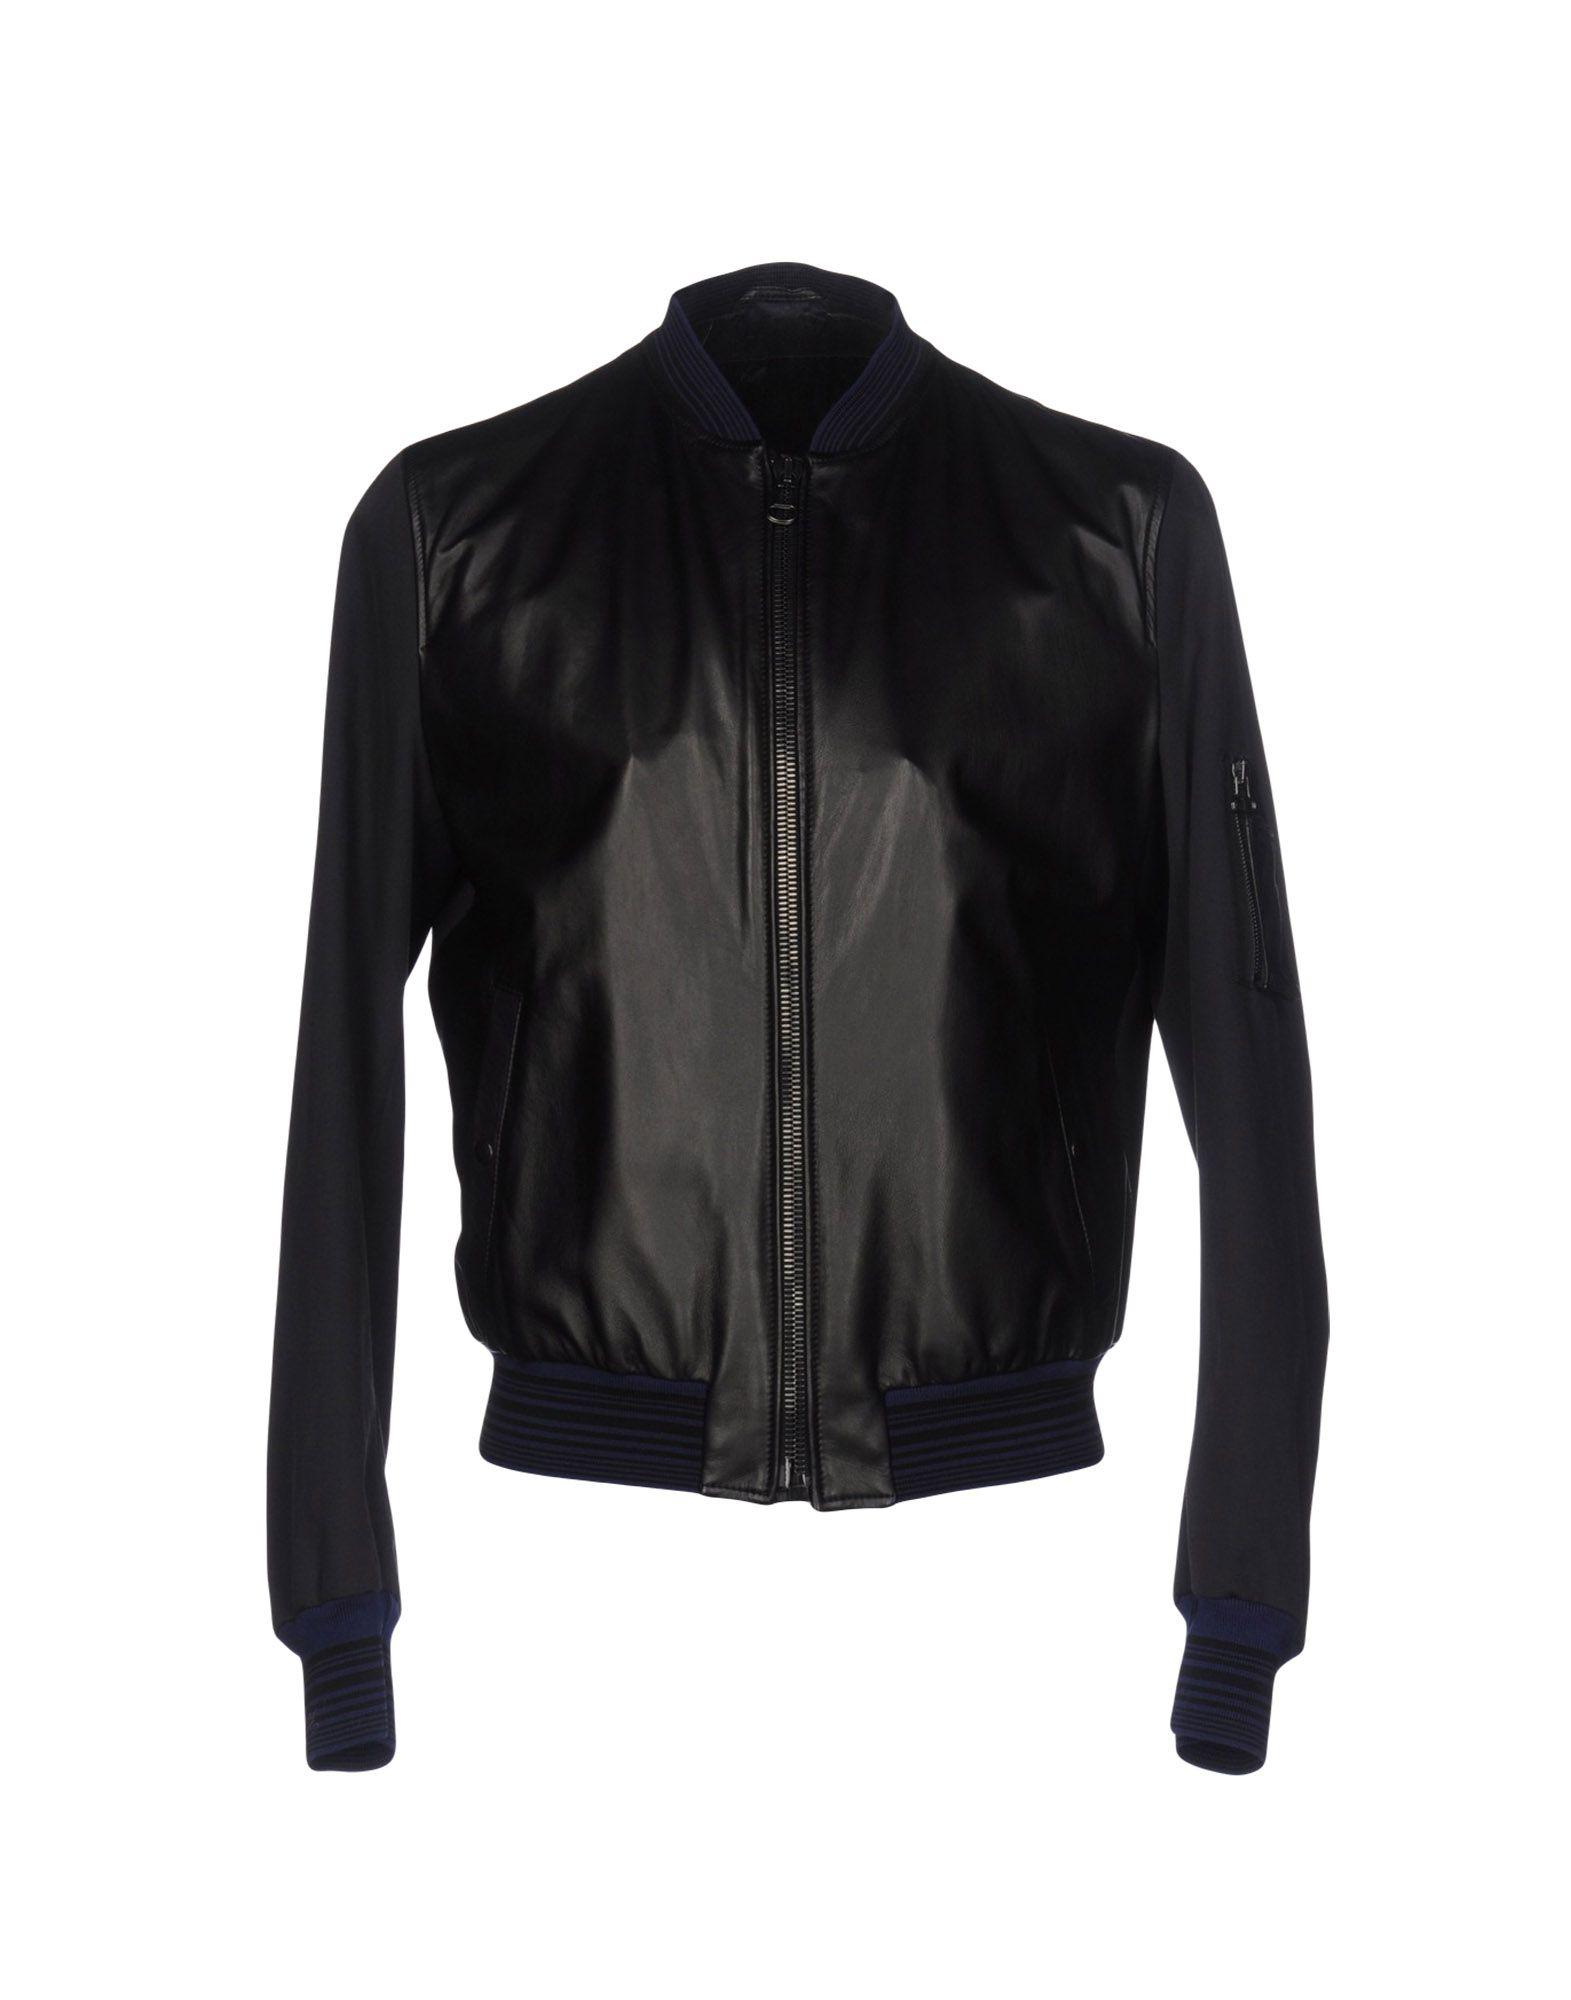 LANVIN Herren Jacke Farbe Schwarz Größe 4